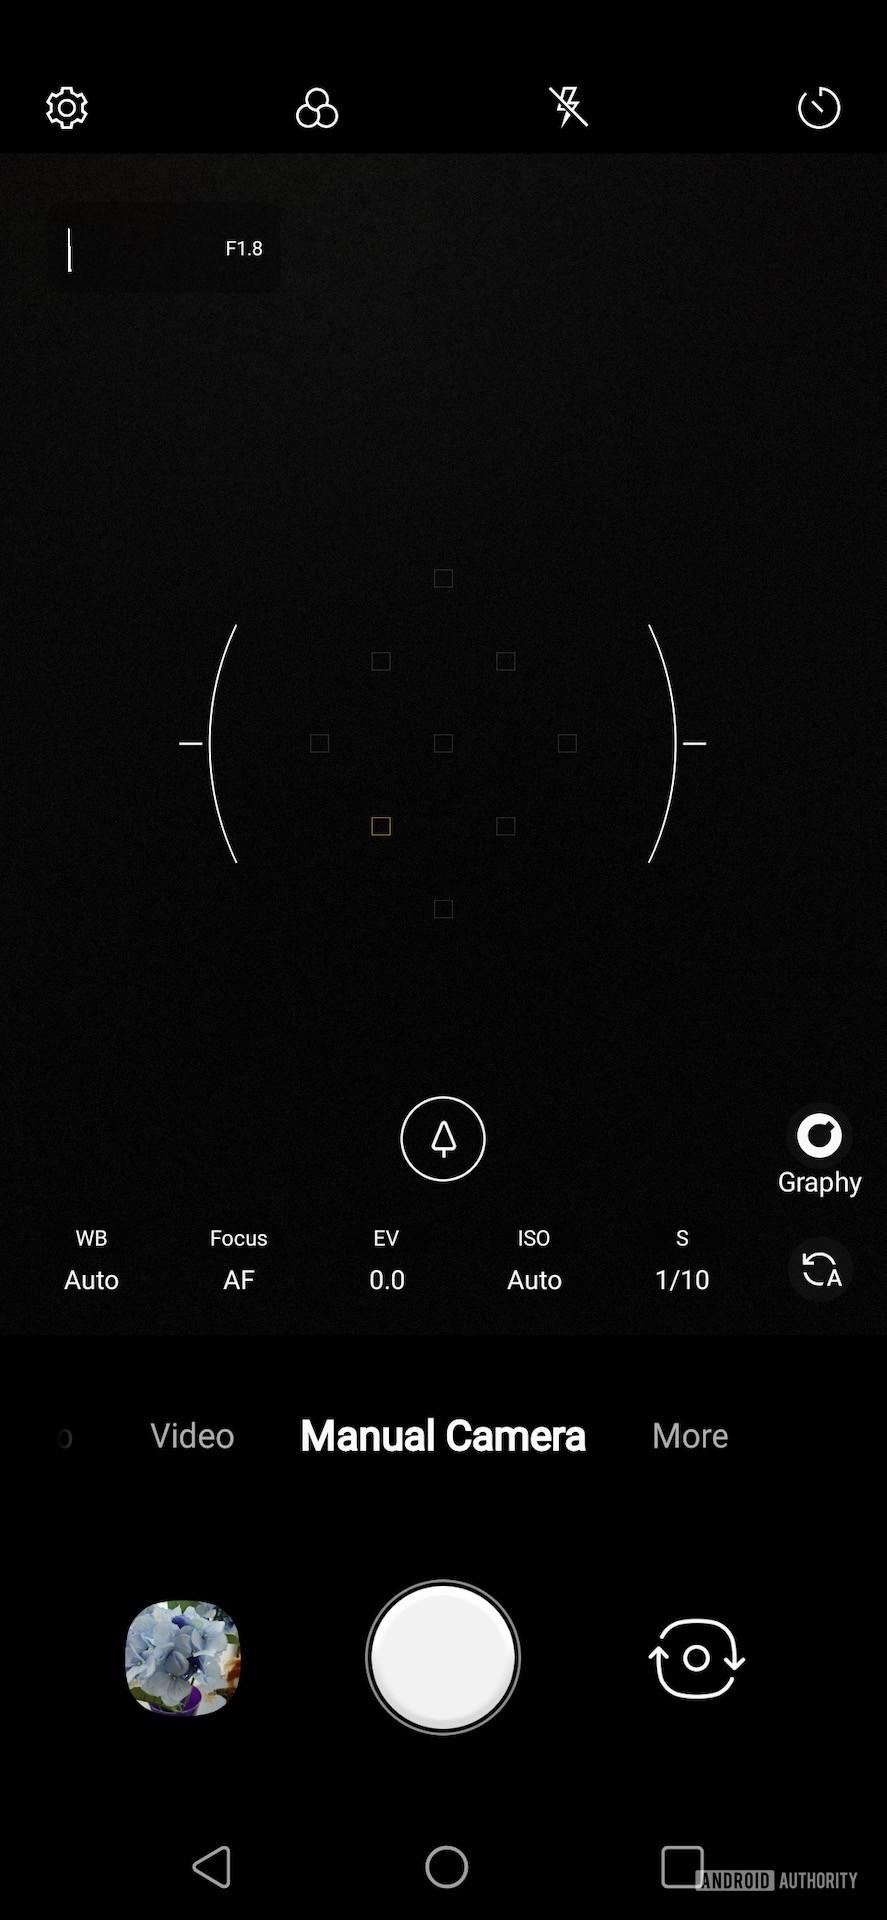 LG G8X ThinQ Review camera app manual camera